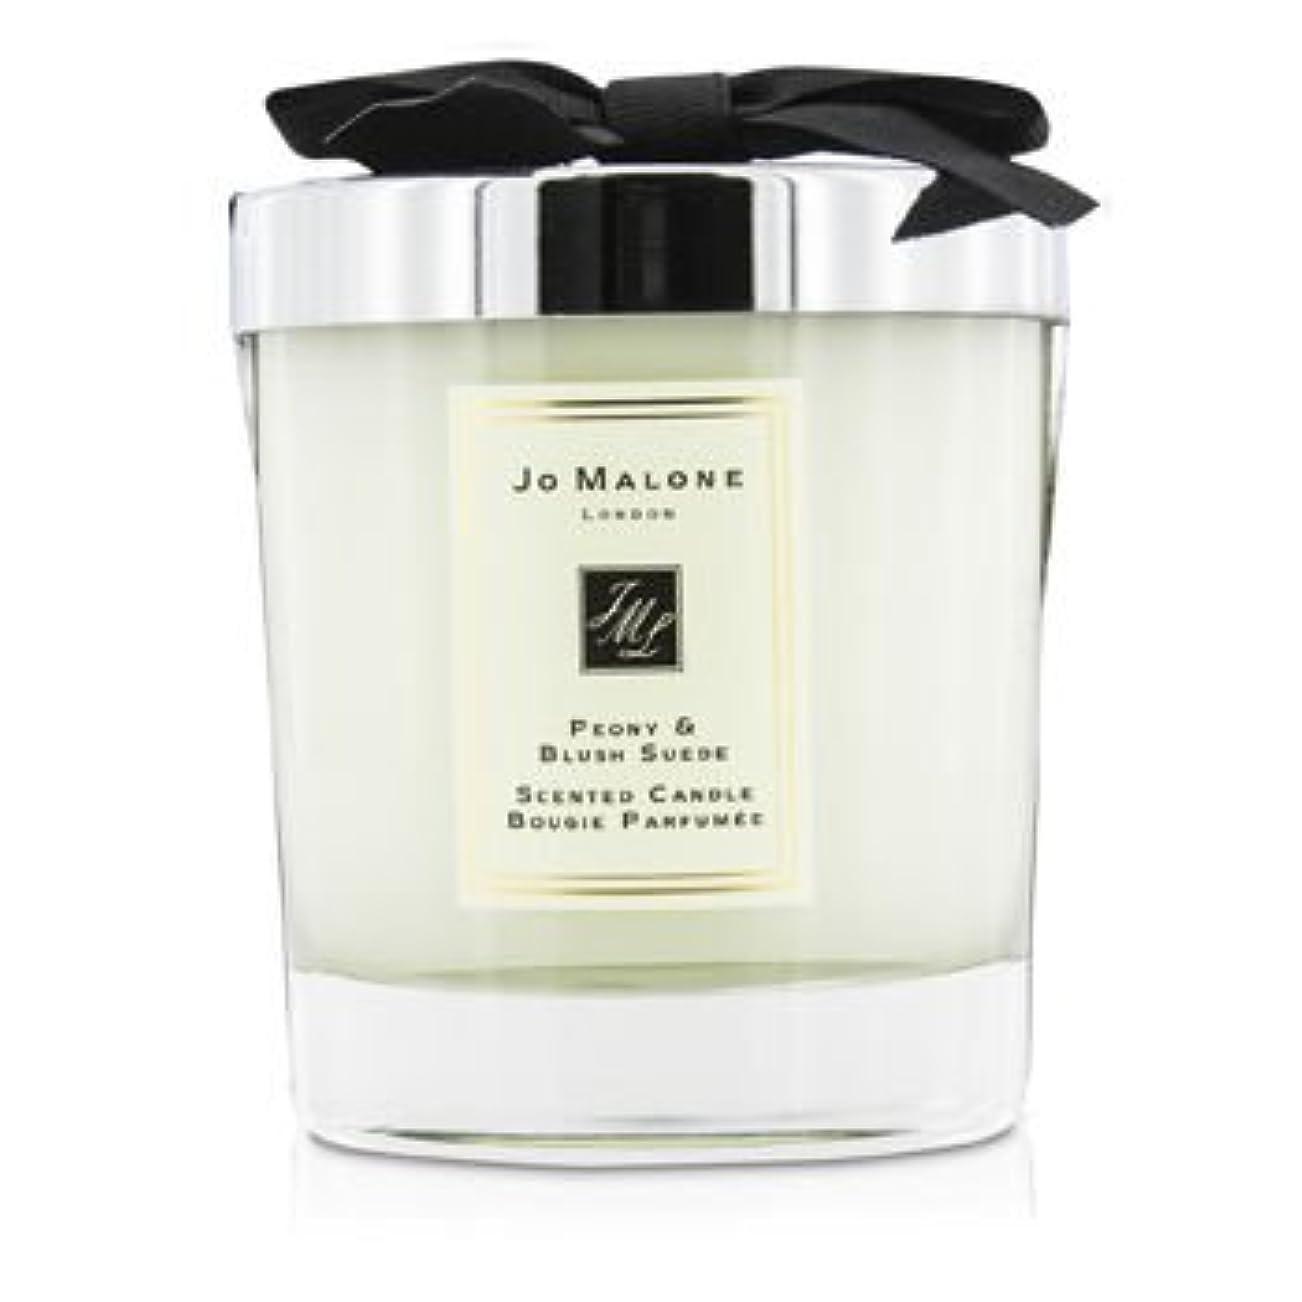 宗教的なスロベニアお手伝いさん[Jo Malone(ジョーマローン)] ピオニー&ブラッシュスエード香りのキャンドル 200g (2.5 inch)